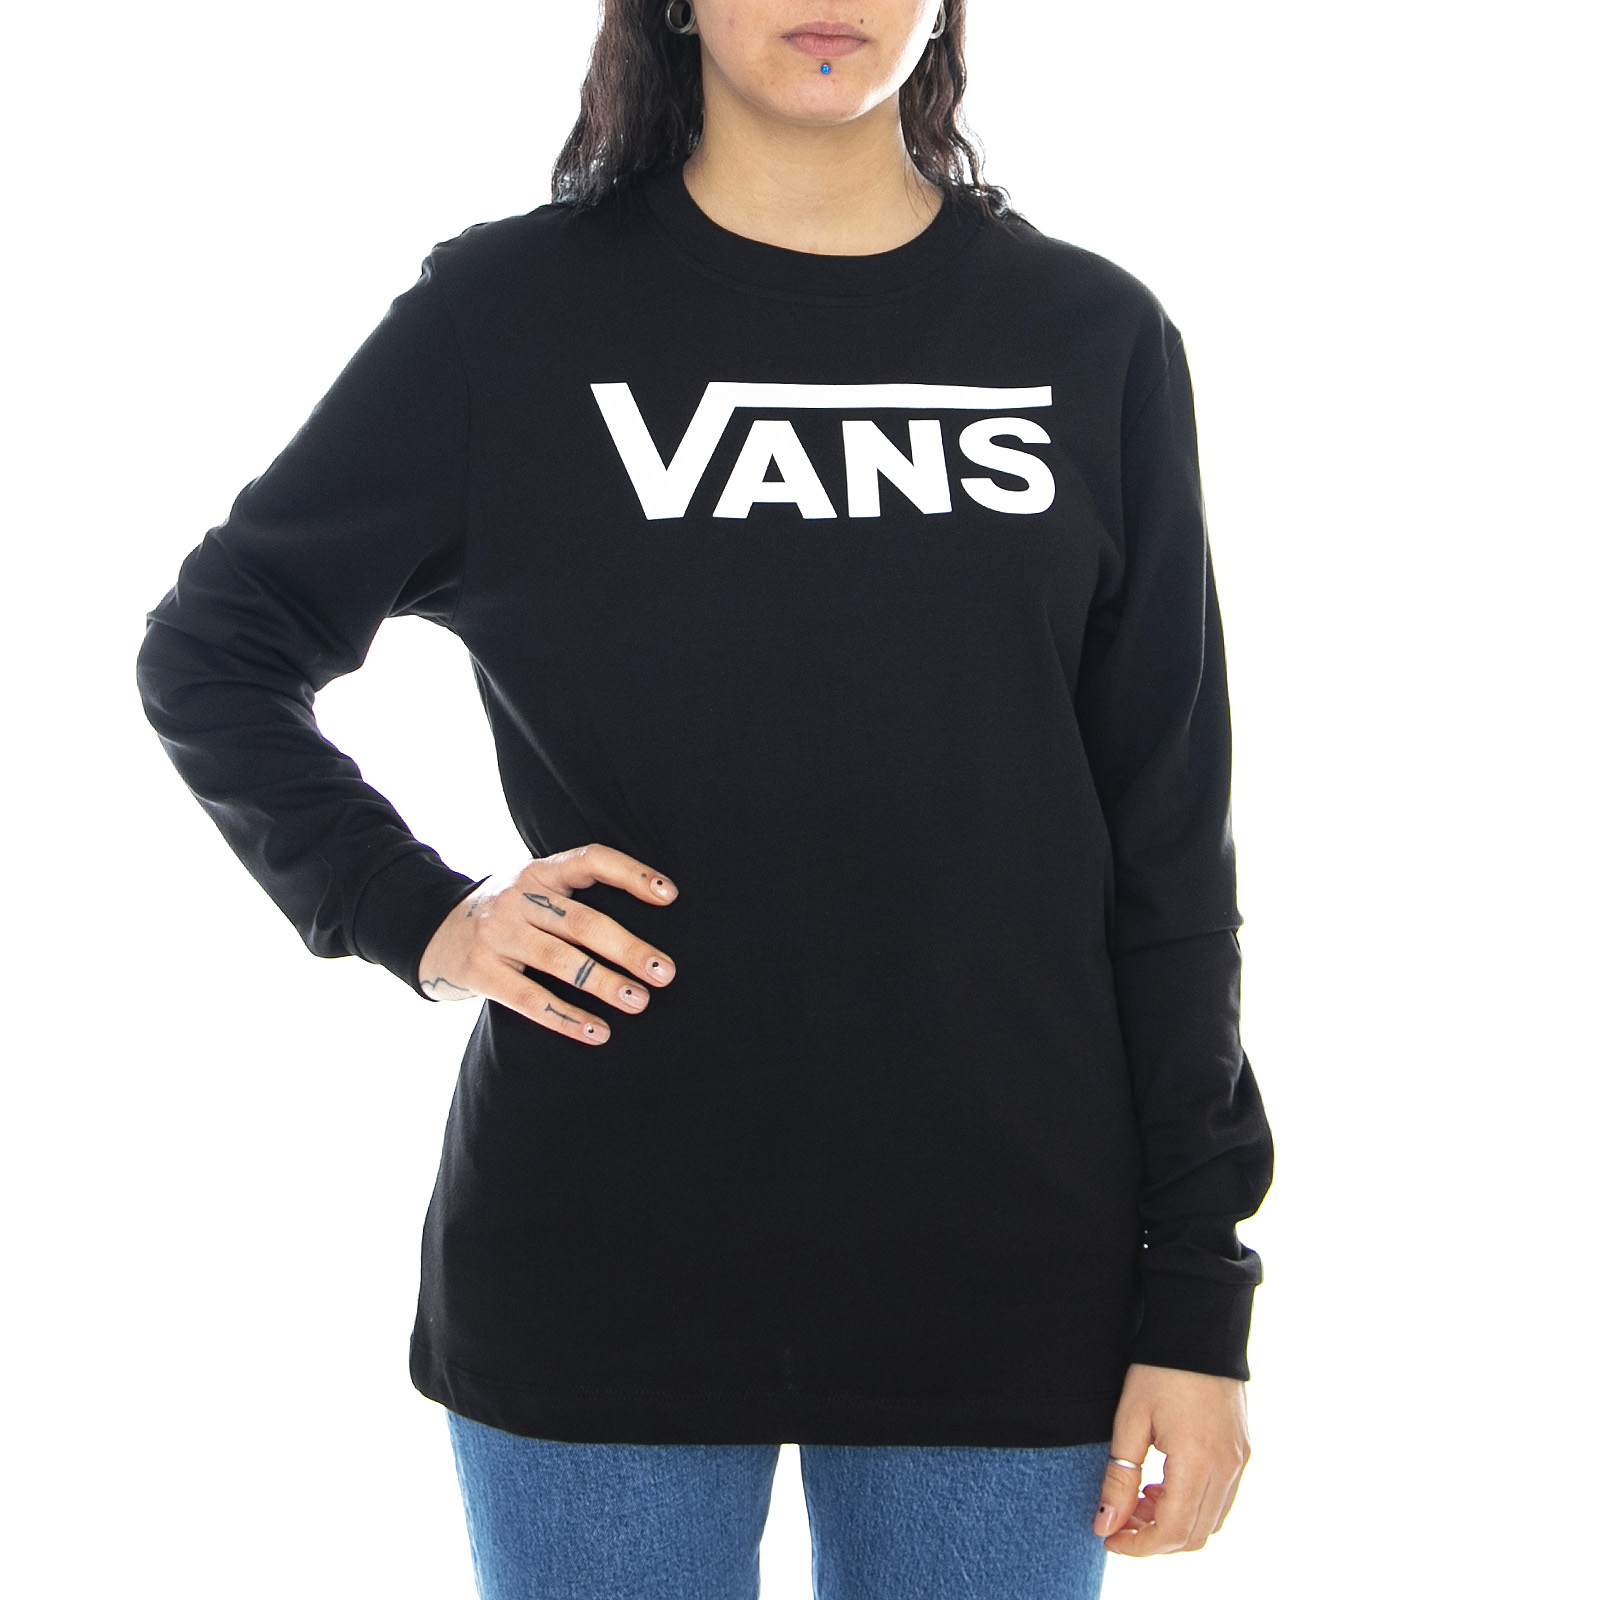 Vans wm flying v ls tee - black - maglietta maniche lunga donna ...